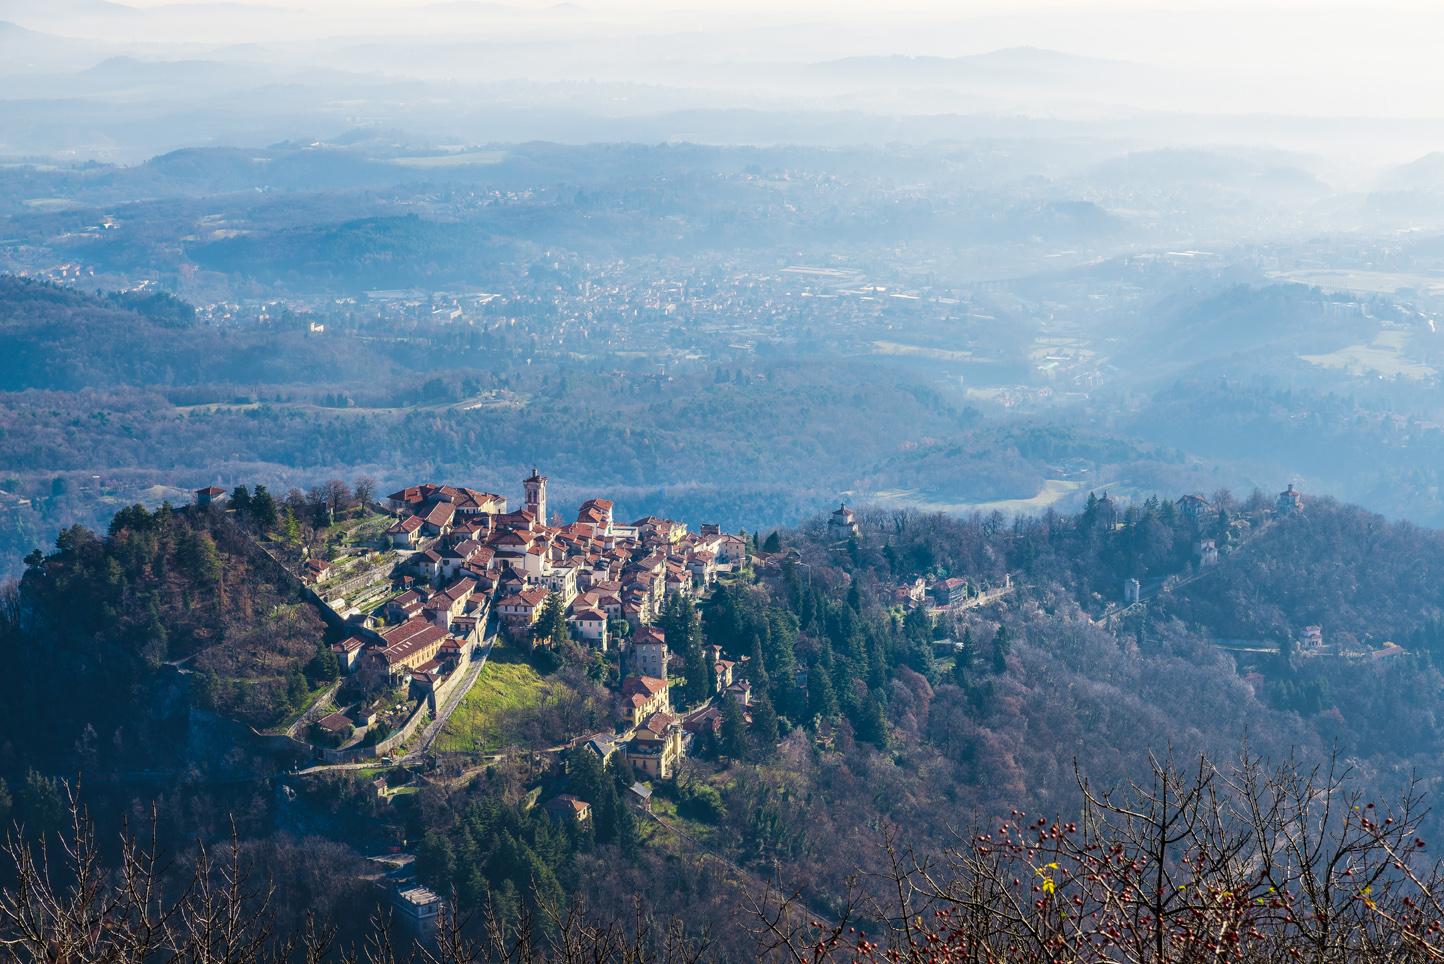 Varese: passeggiate, picnic, spiagge segrete. Weekend all'aria aperta nella terra dei laghi